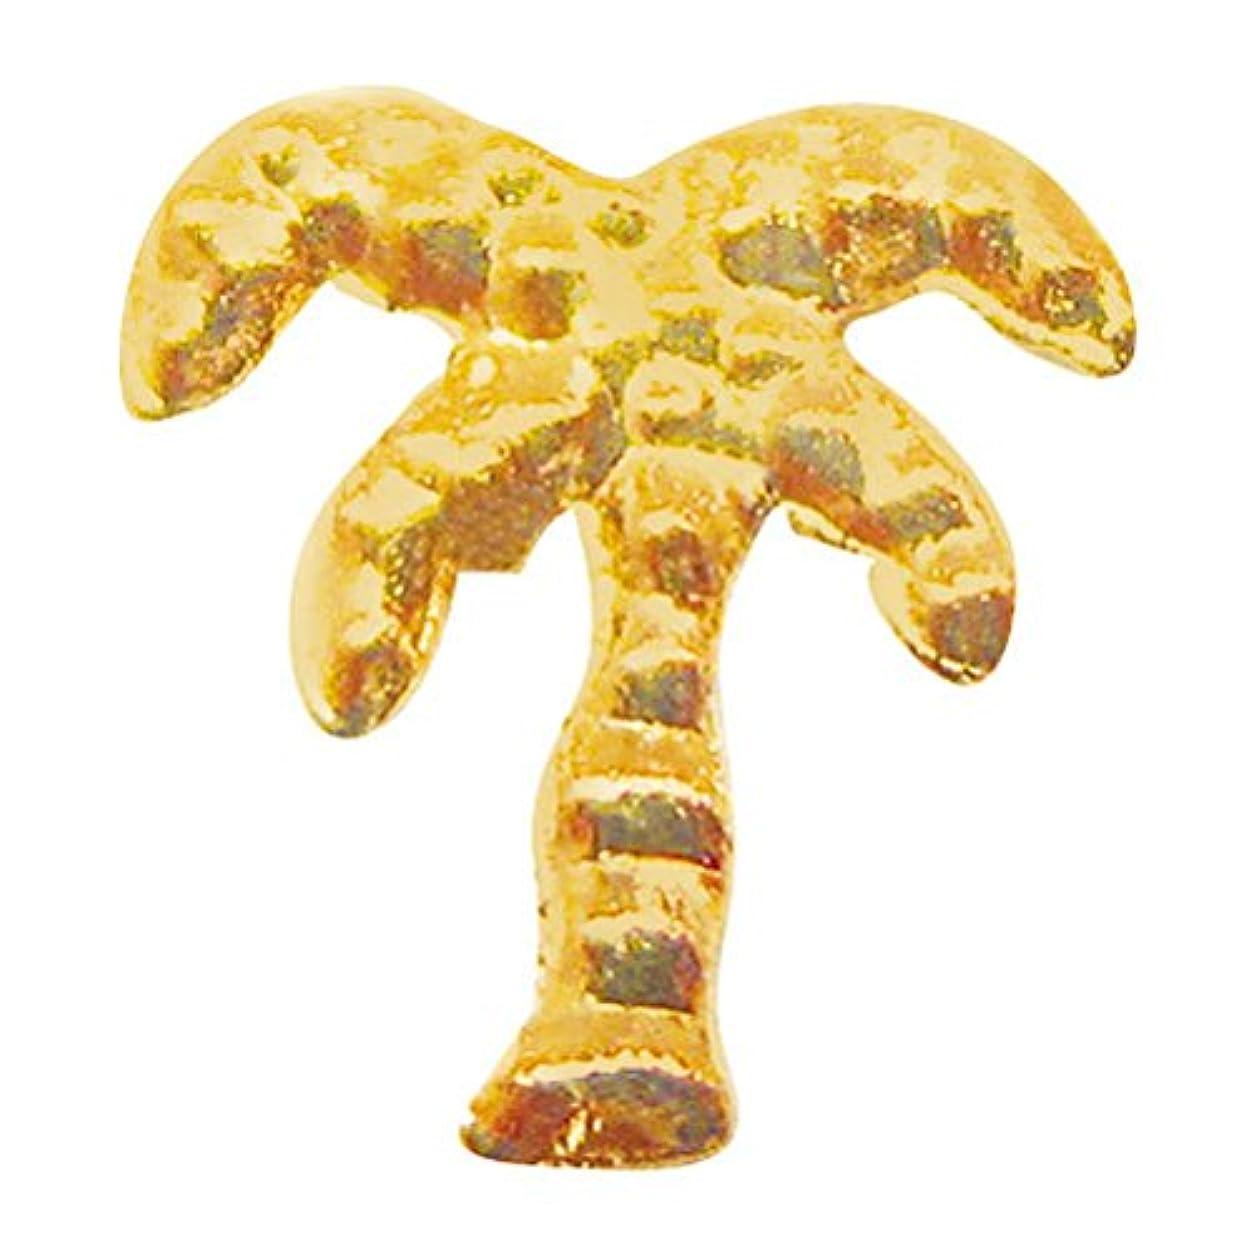 グラフ接ぎ木パークサンシャインベビー ジェルネイル ヤシの木(ゴールド) 10P